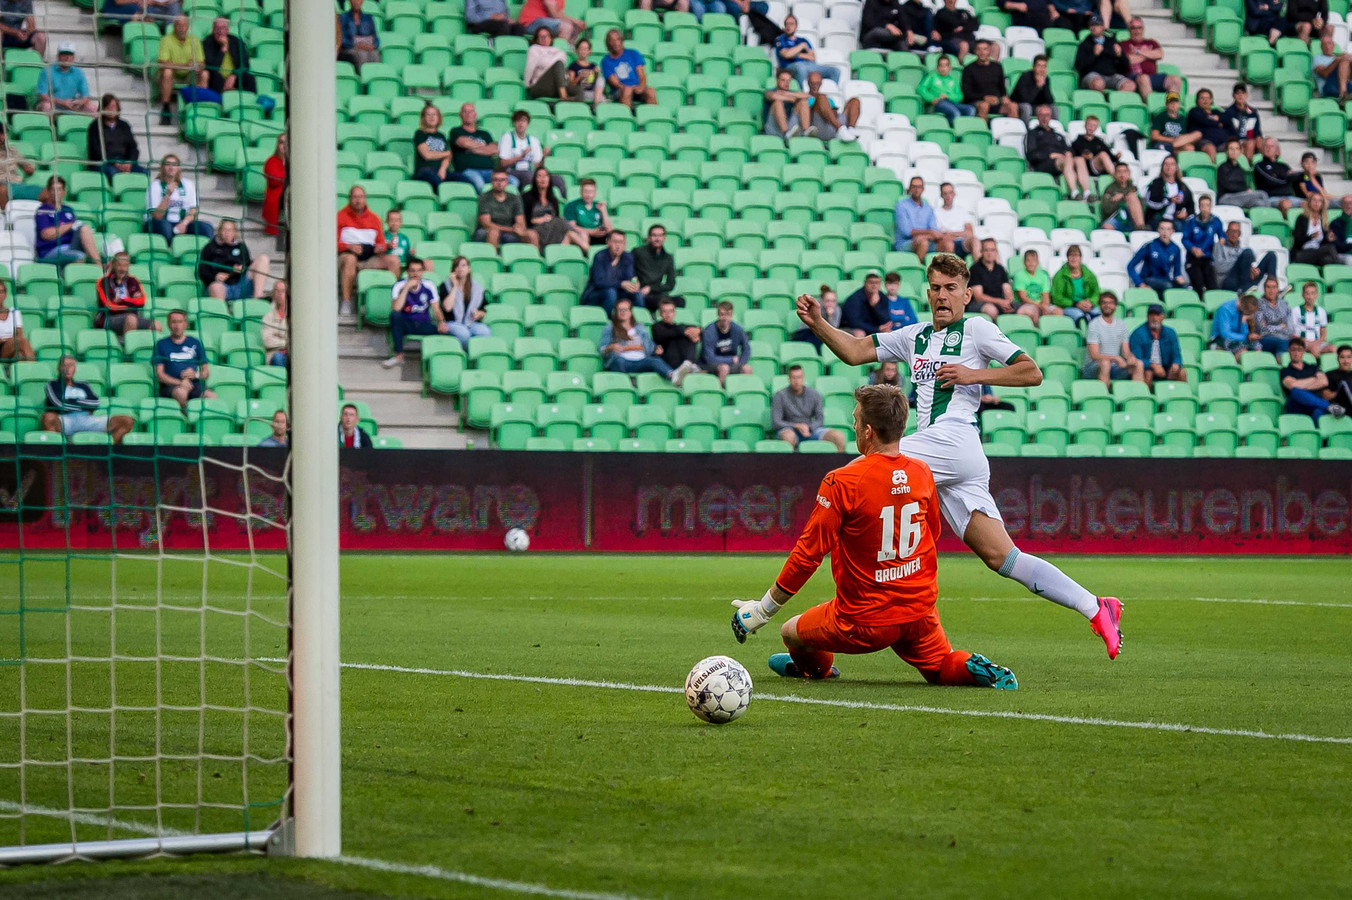 Kian Slor van FC Groningen in duel met Michael Brouwer van Heracles tijdens de eerste oefenwedstrijd van FC Groningen tegen Heracles ter voorbereiding op het seizoen 2020-2021.